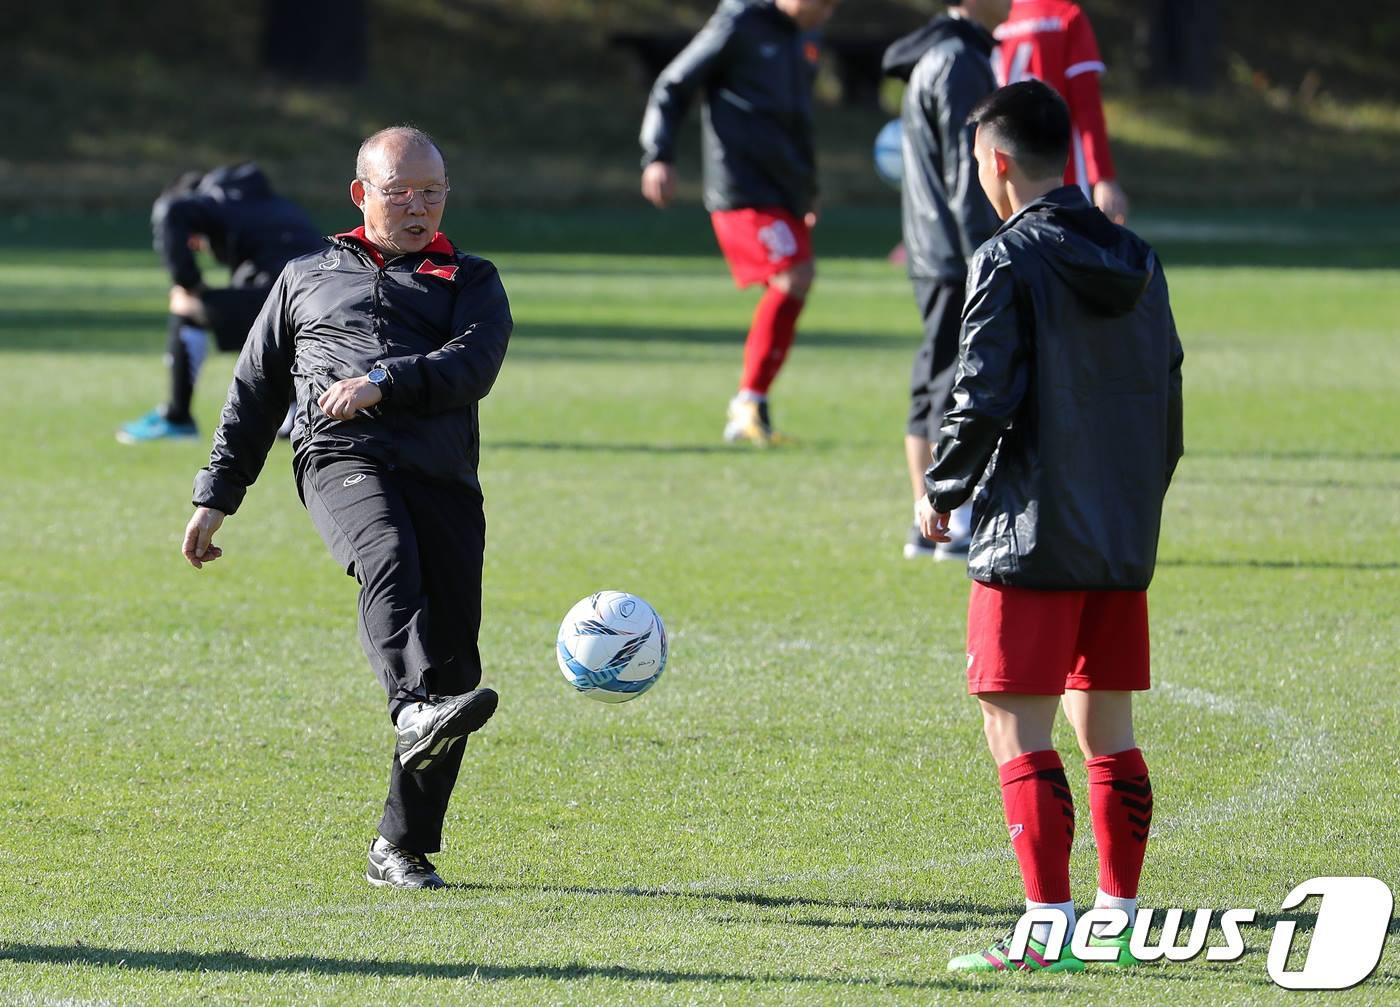 Vào ngày 19/10, đội tuyển Việt Nam sẽ có trận đấu tập với